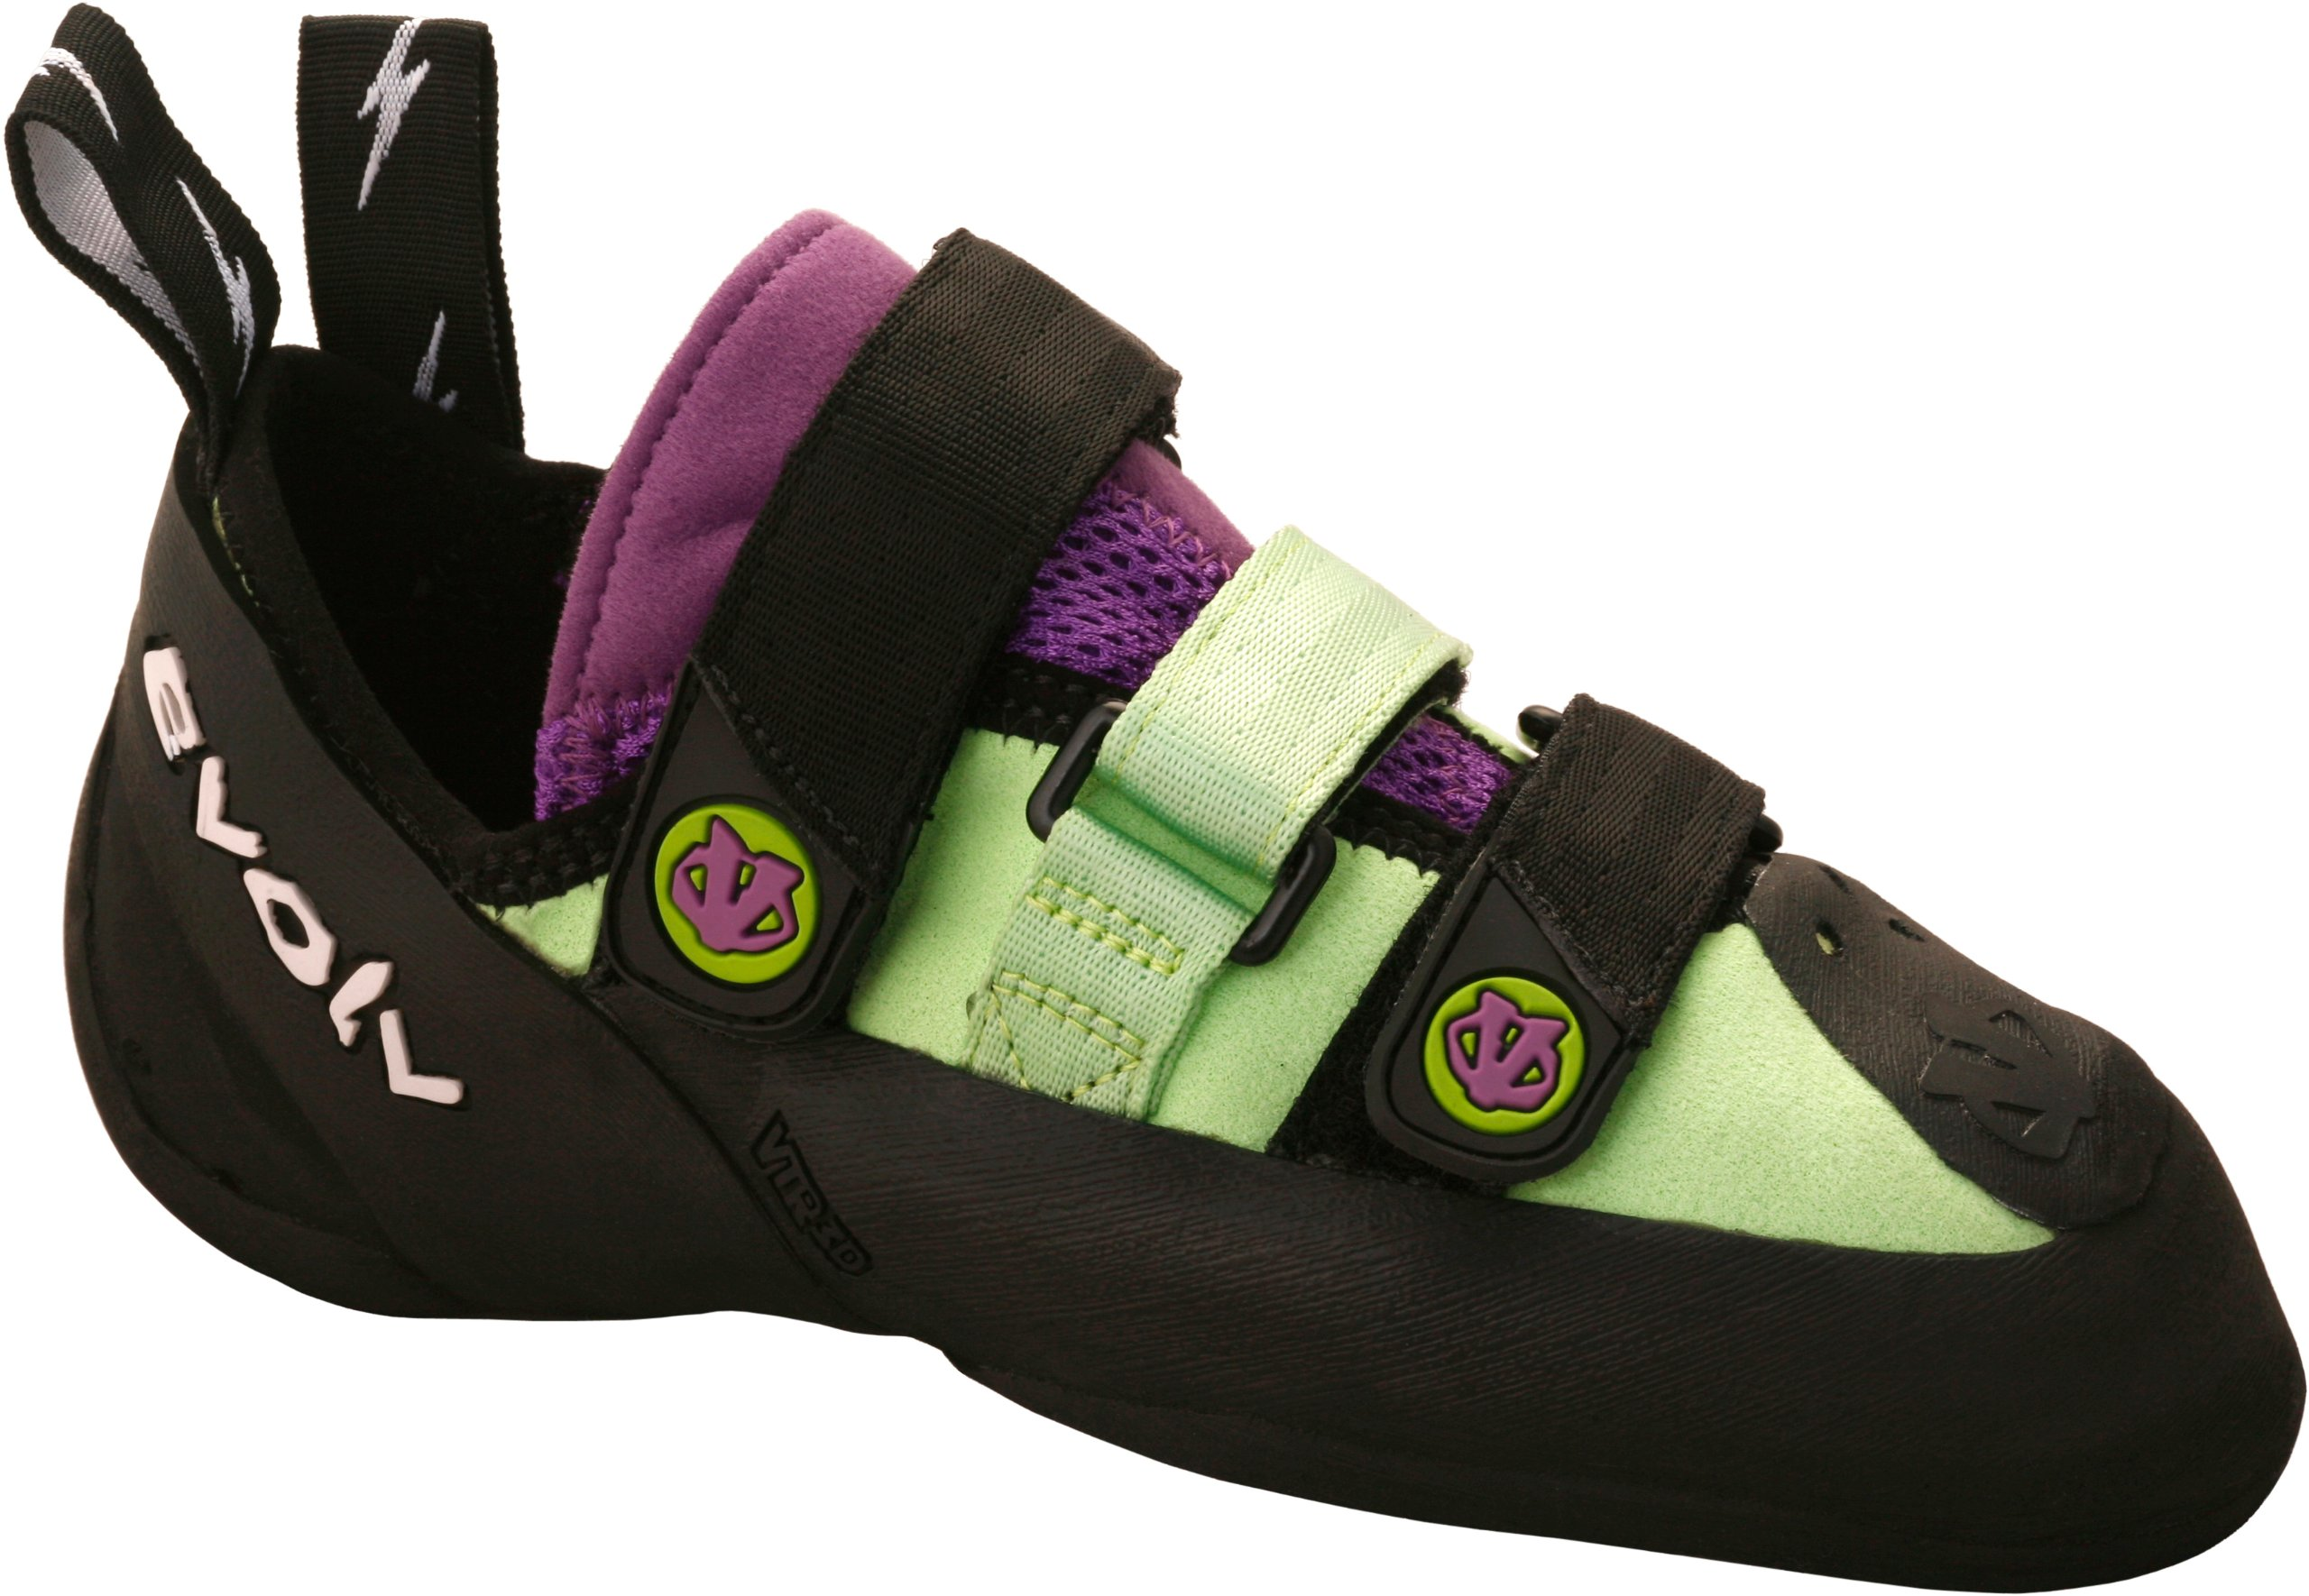 evoLV Women's Shaman LV Climbing Shoe,Mint/Lavender,4.5 M US